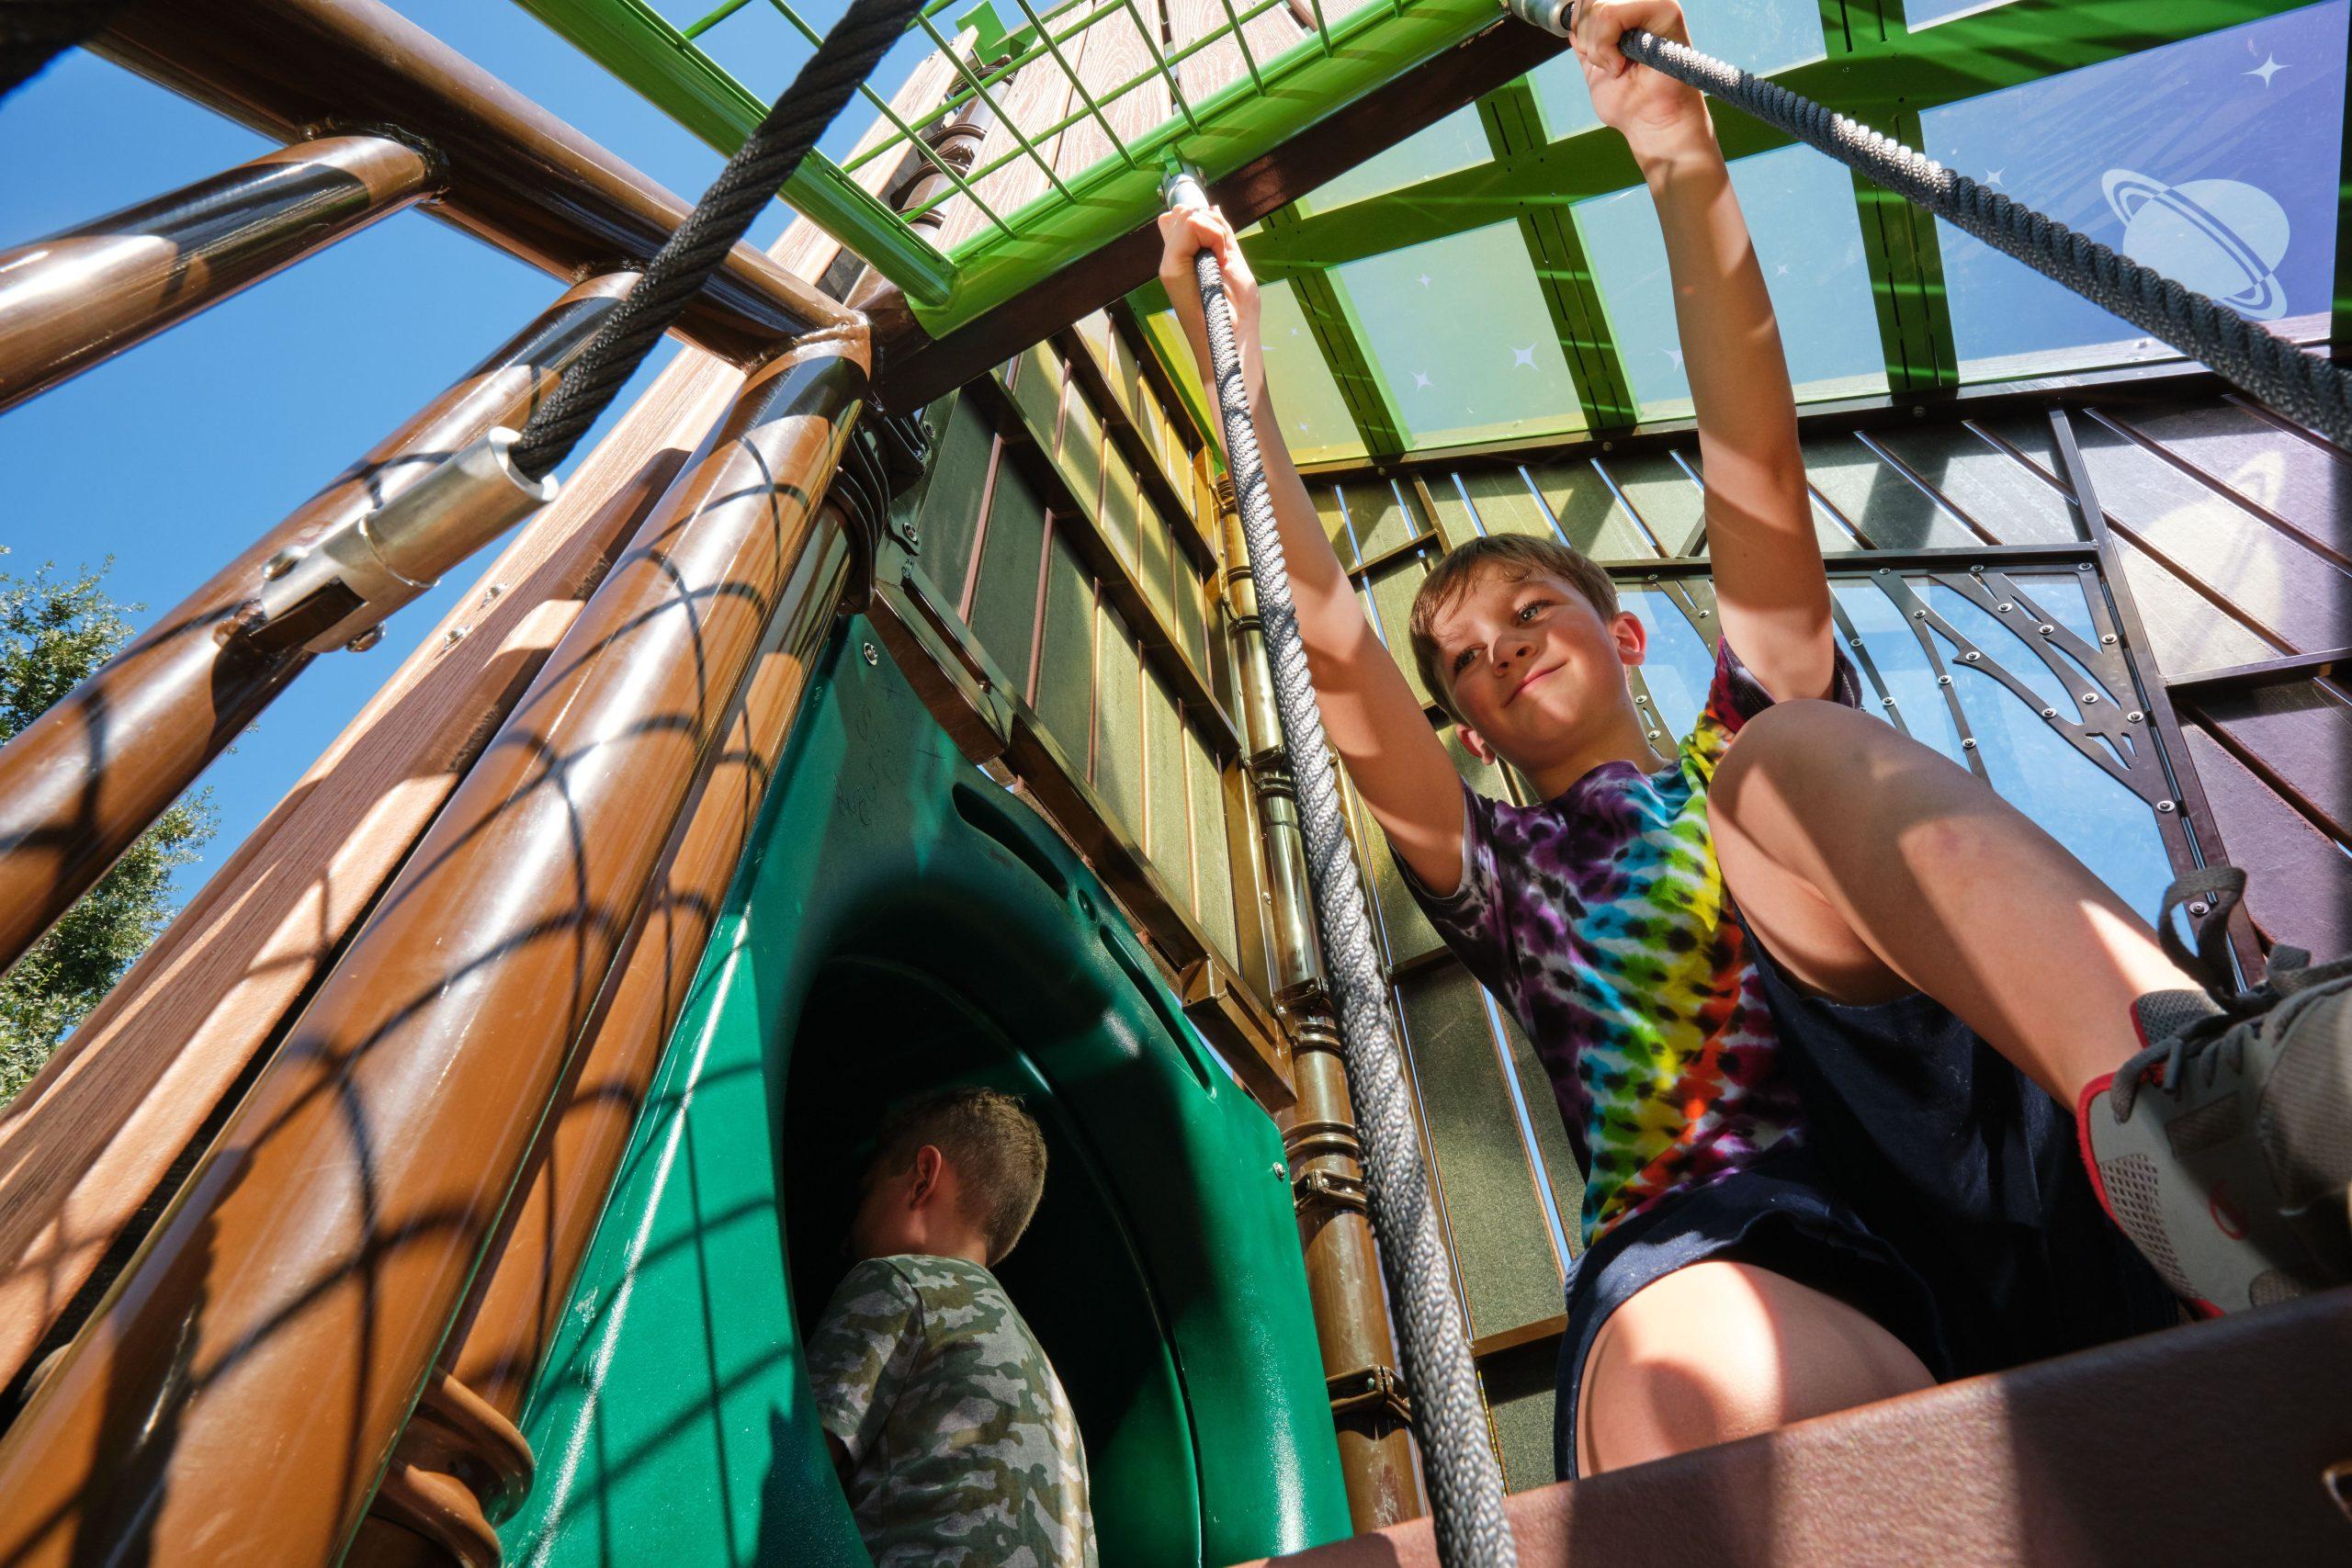 Nature themed playground equipment